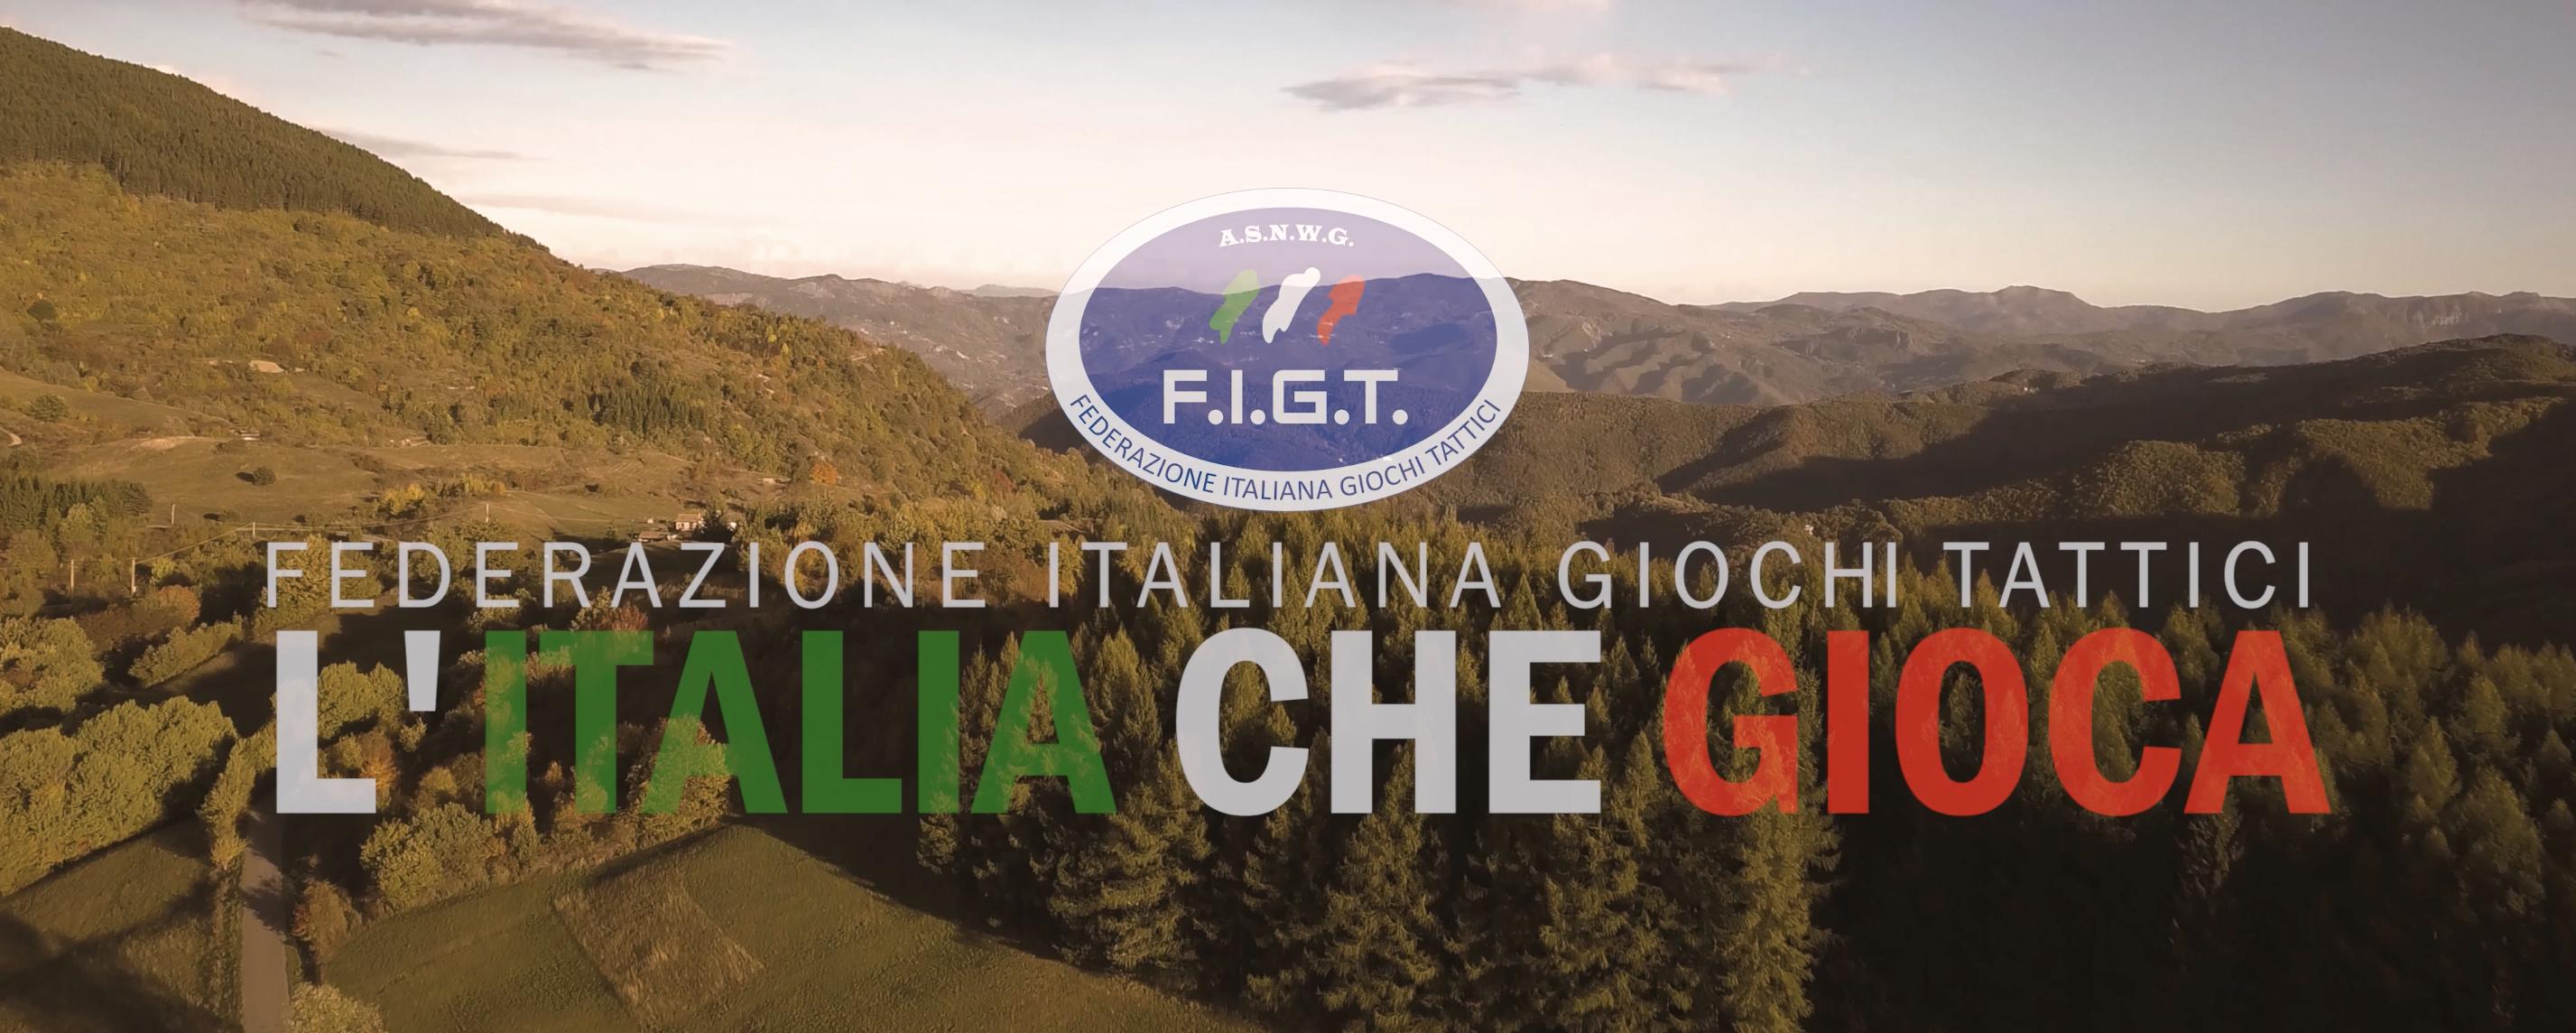 ITALIA CHE GIOCA